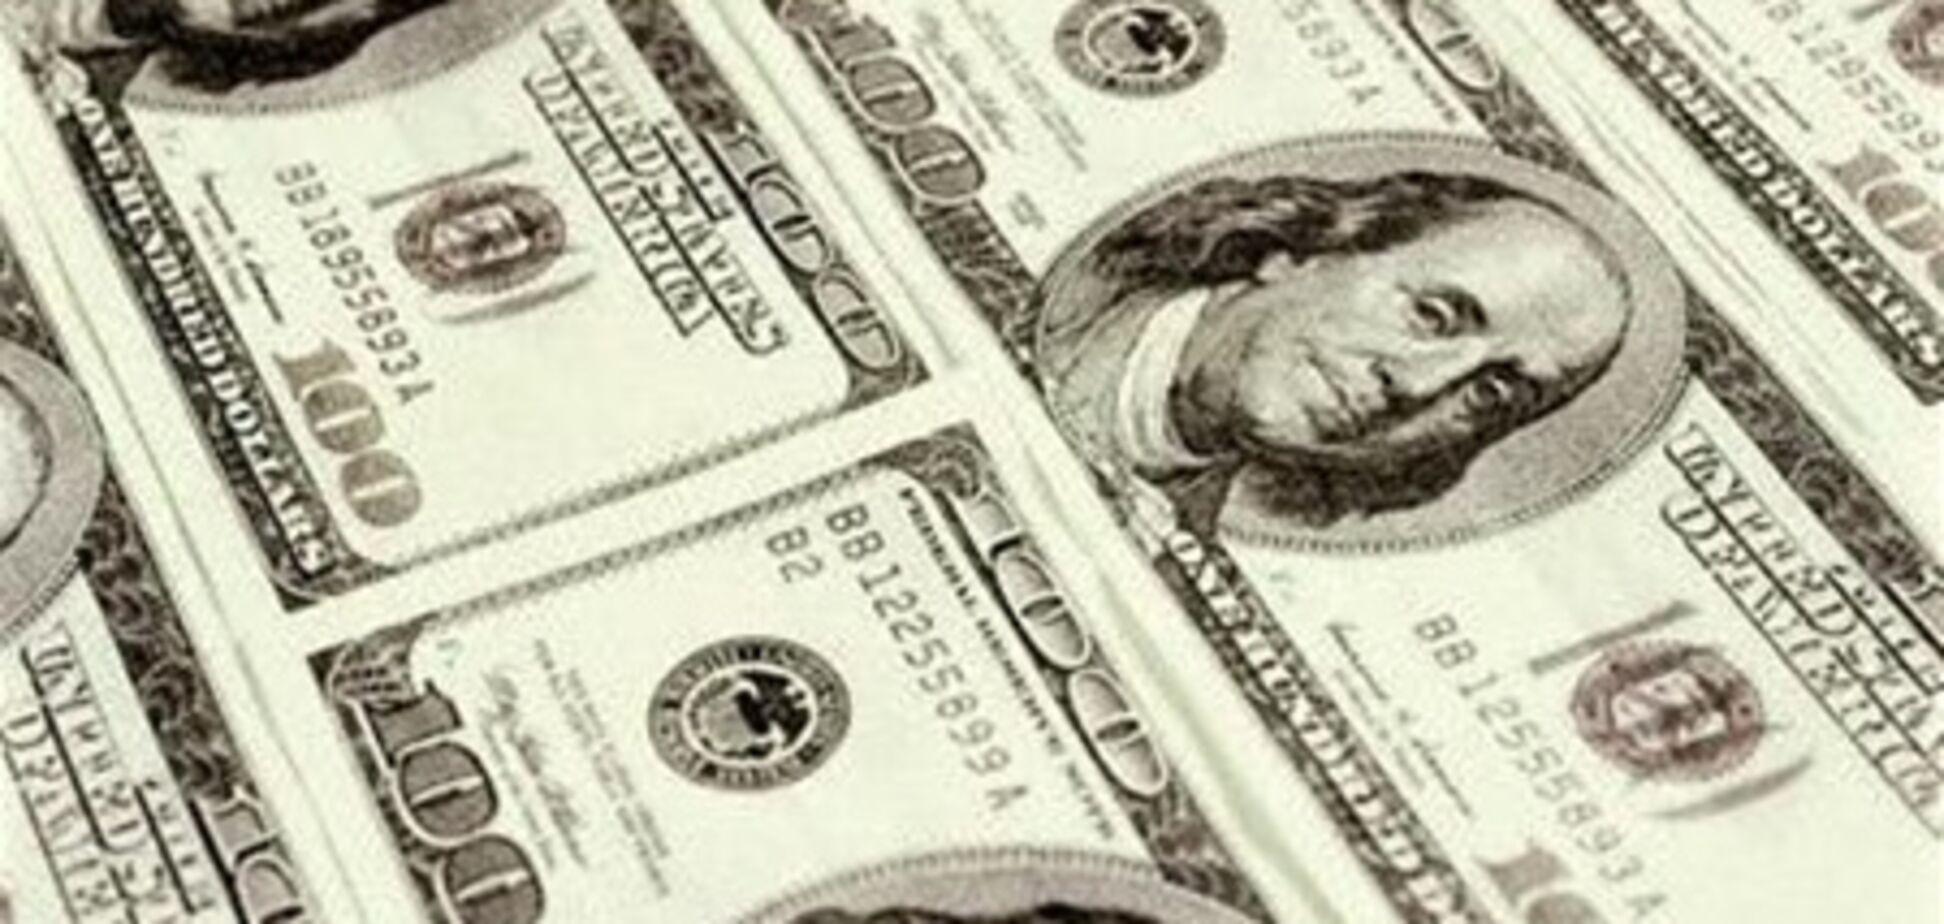 Суд отобрал у украинца $600 тысяч